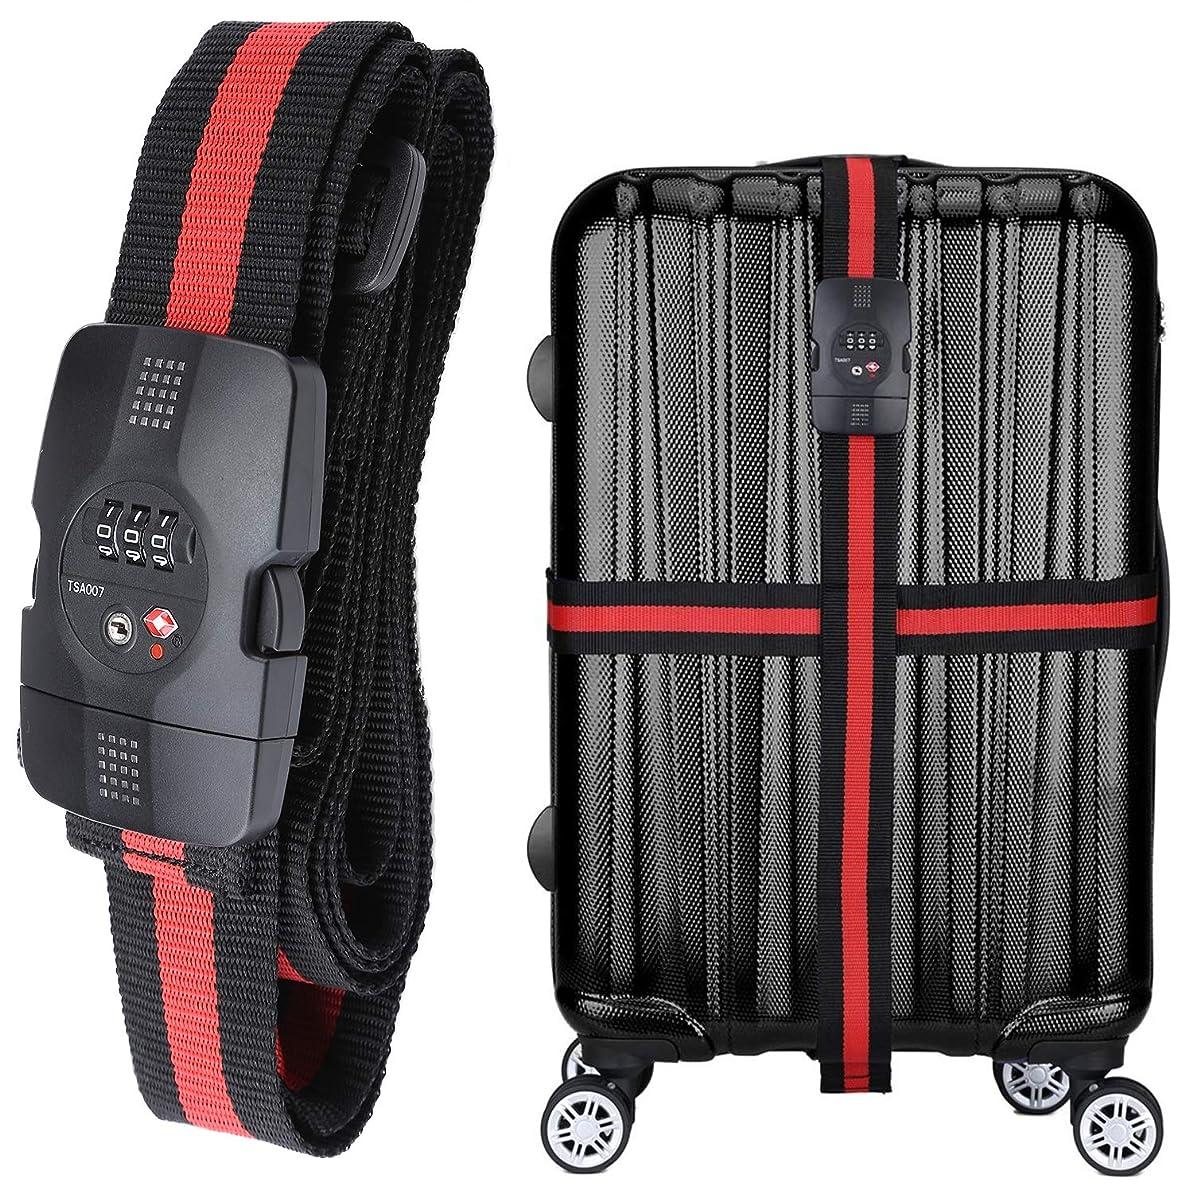 お香虎立方体WindTookスーツケースベルト ダイヤル式 TSAロック付き 荷物梱包バンド 十字型 長さ調整 旅行 海外旅行 出張用 赤×黒のストライプ